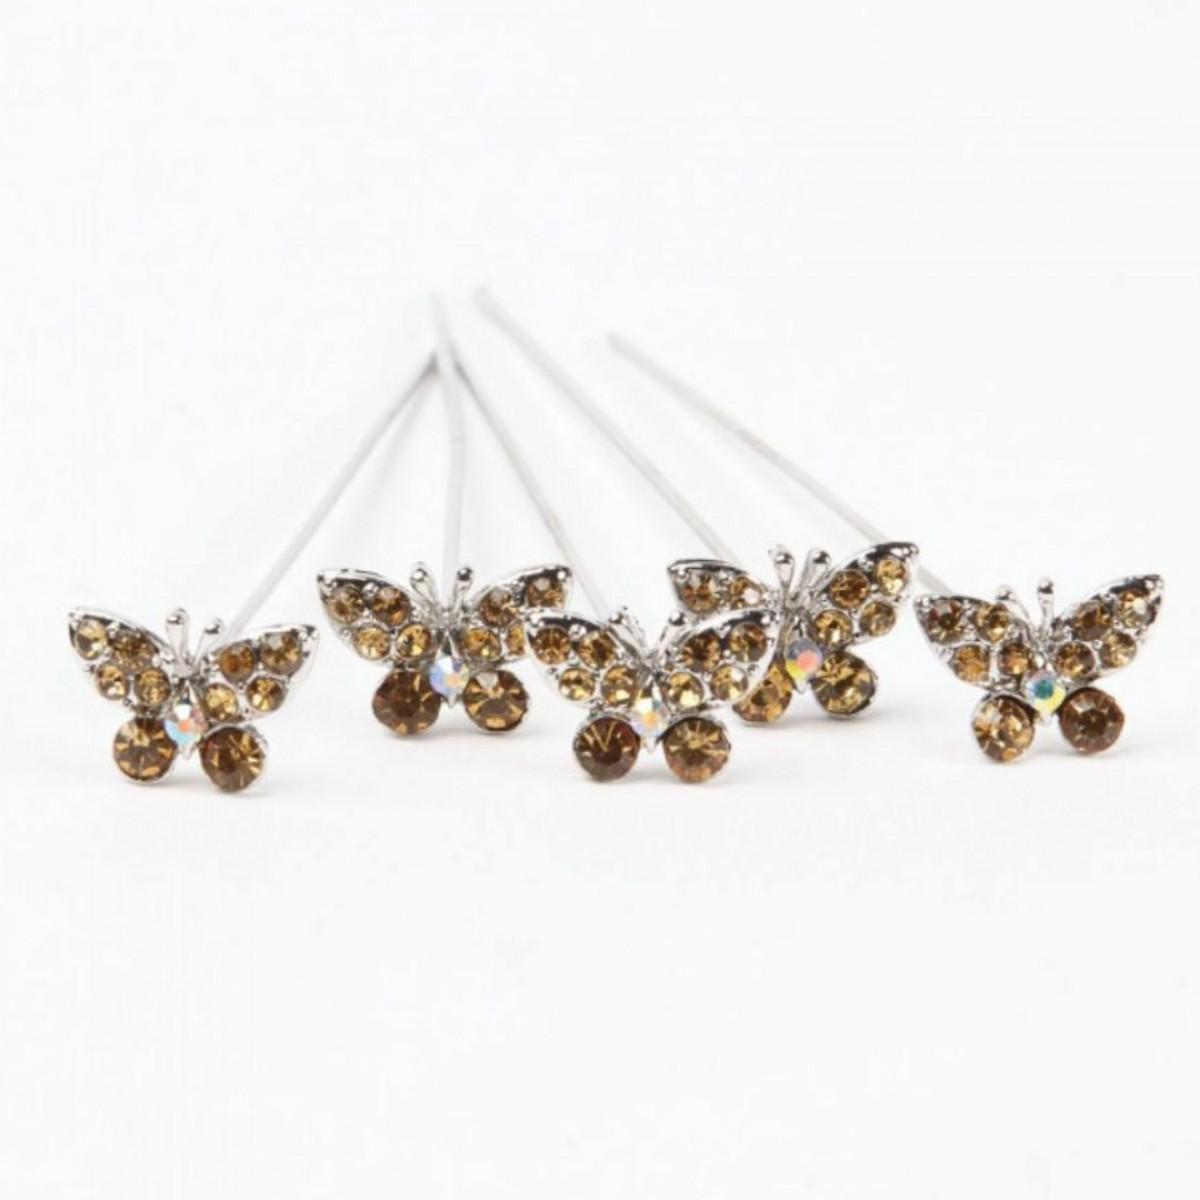 4181 Karas Kisses Butterfly Brown Gold 10mmx8cm 5 Pins